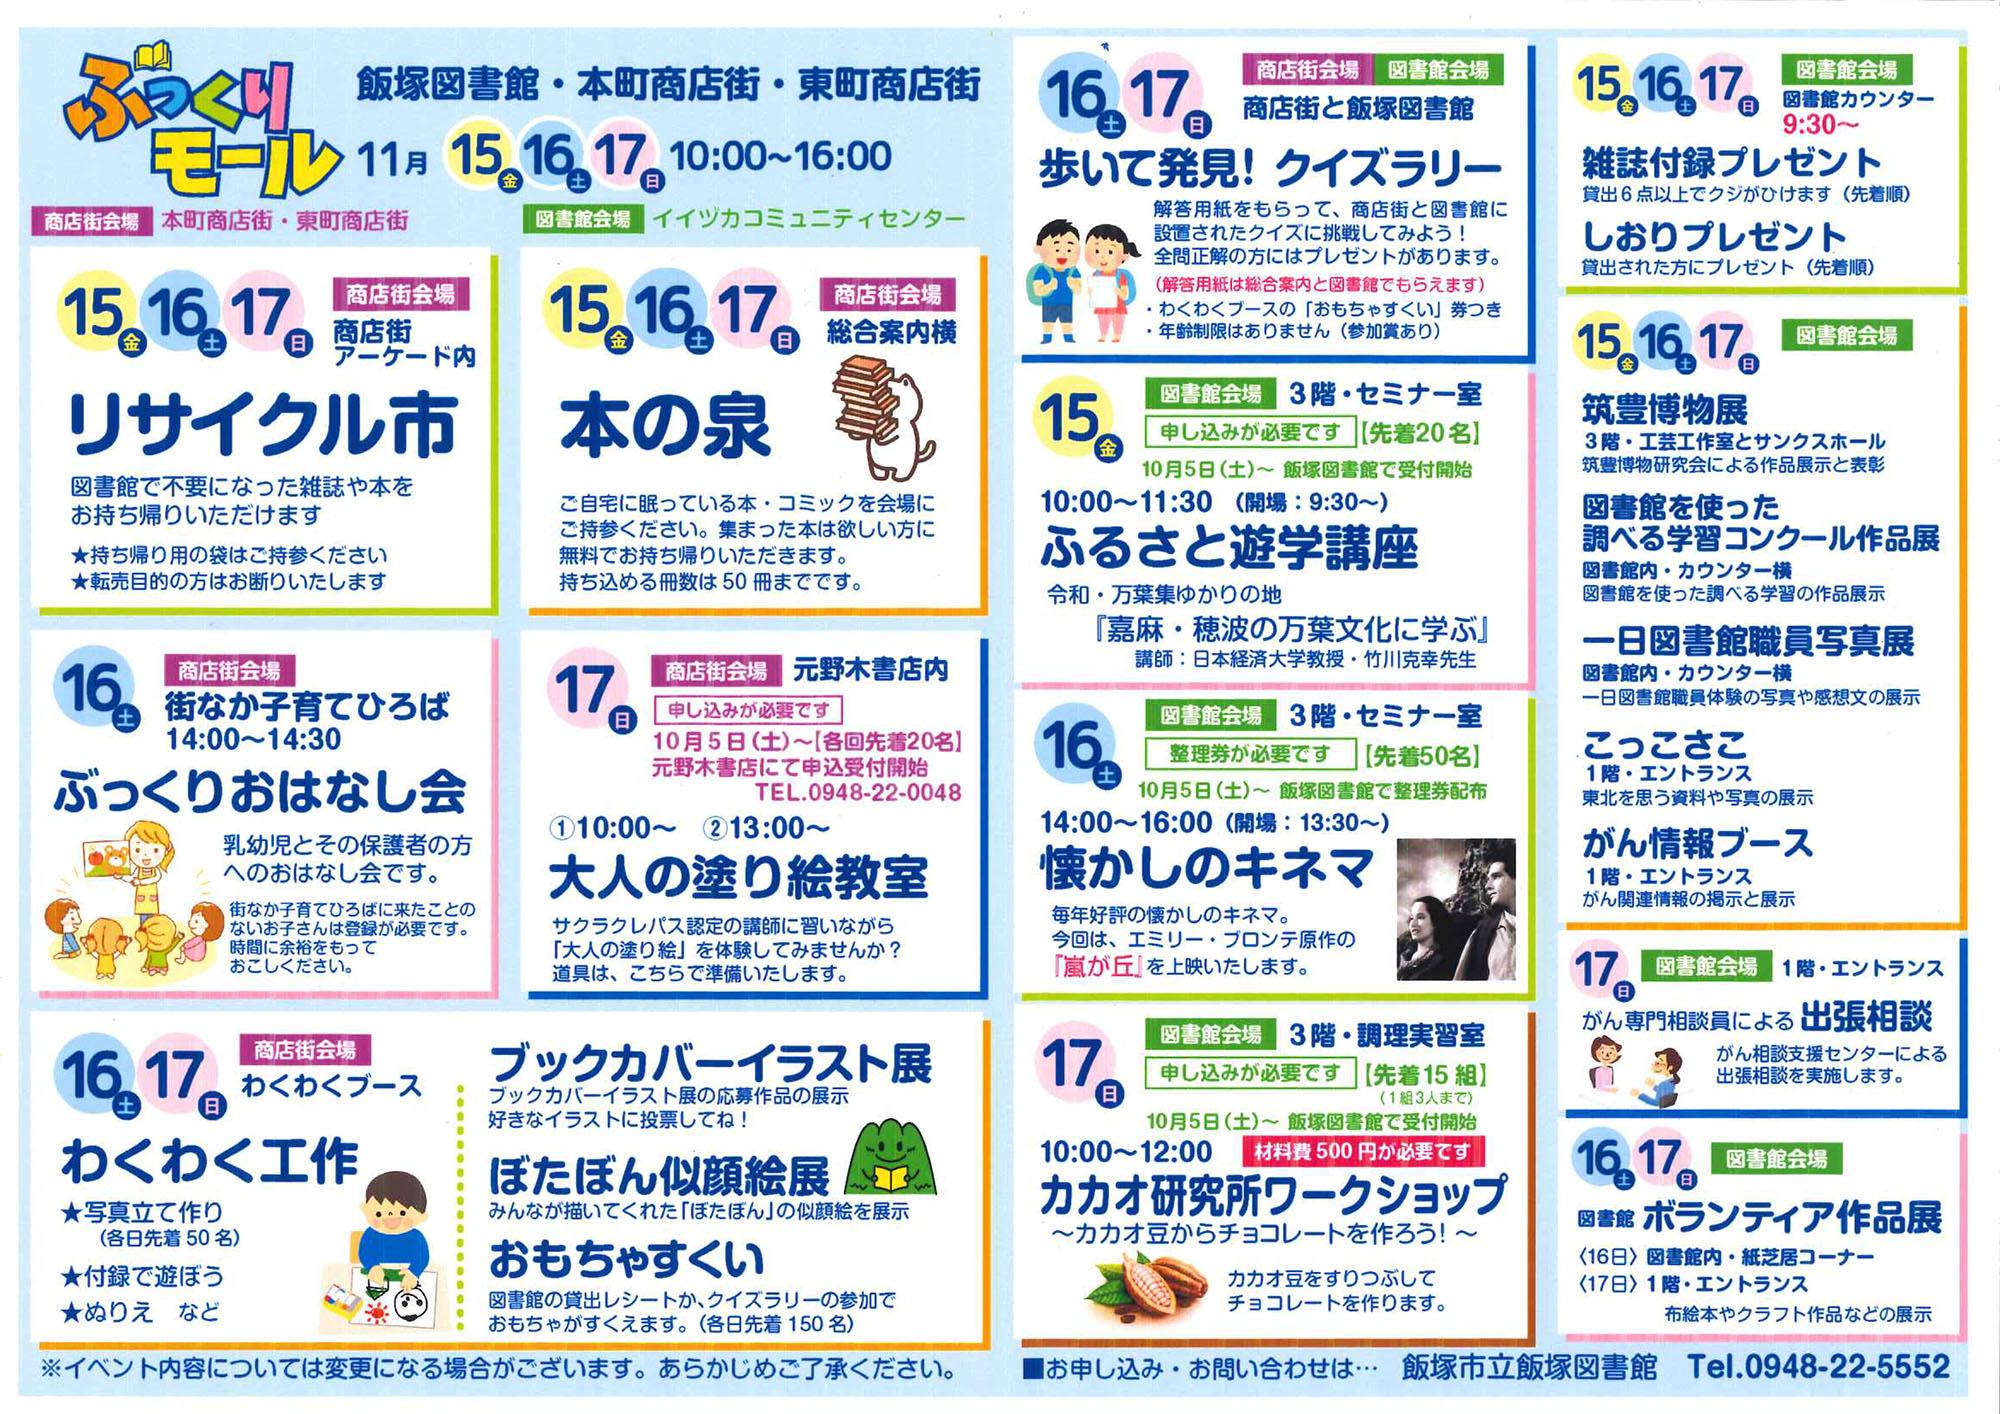 第4回 ぶっくりモール in 飯塚 2019